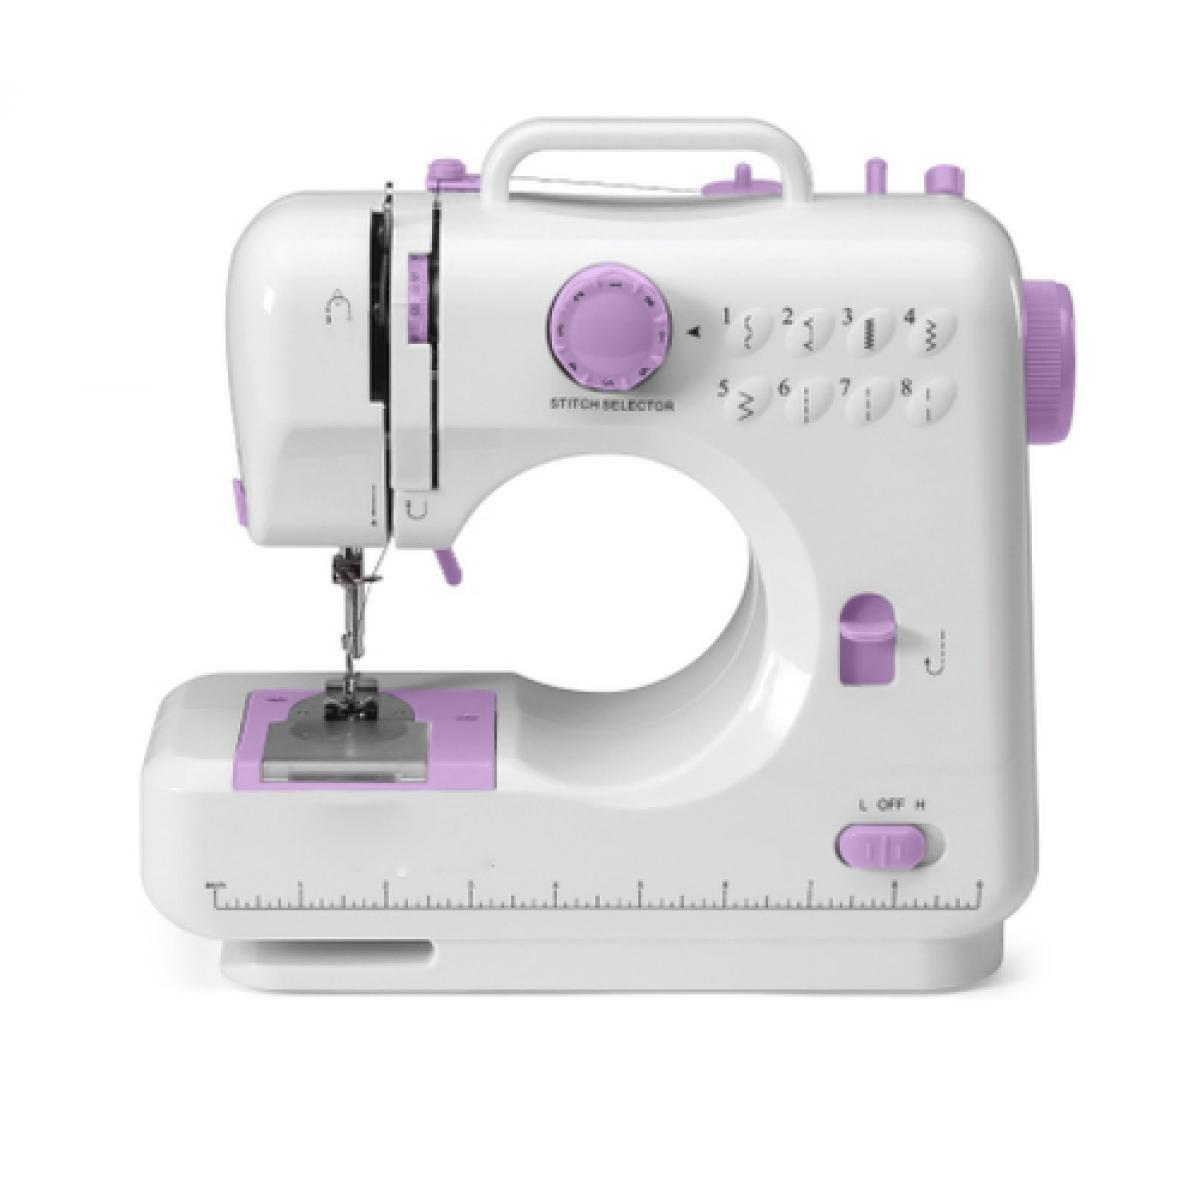 Домашняя швейная машинка 8 в 1 модель FHSM-505